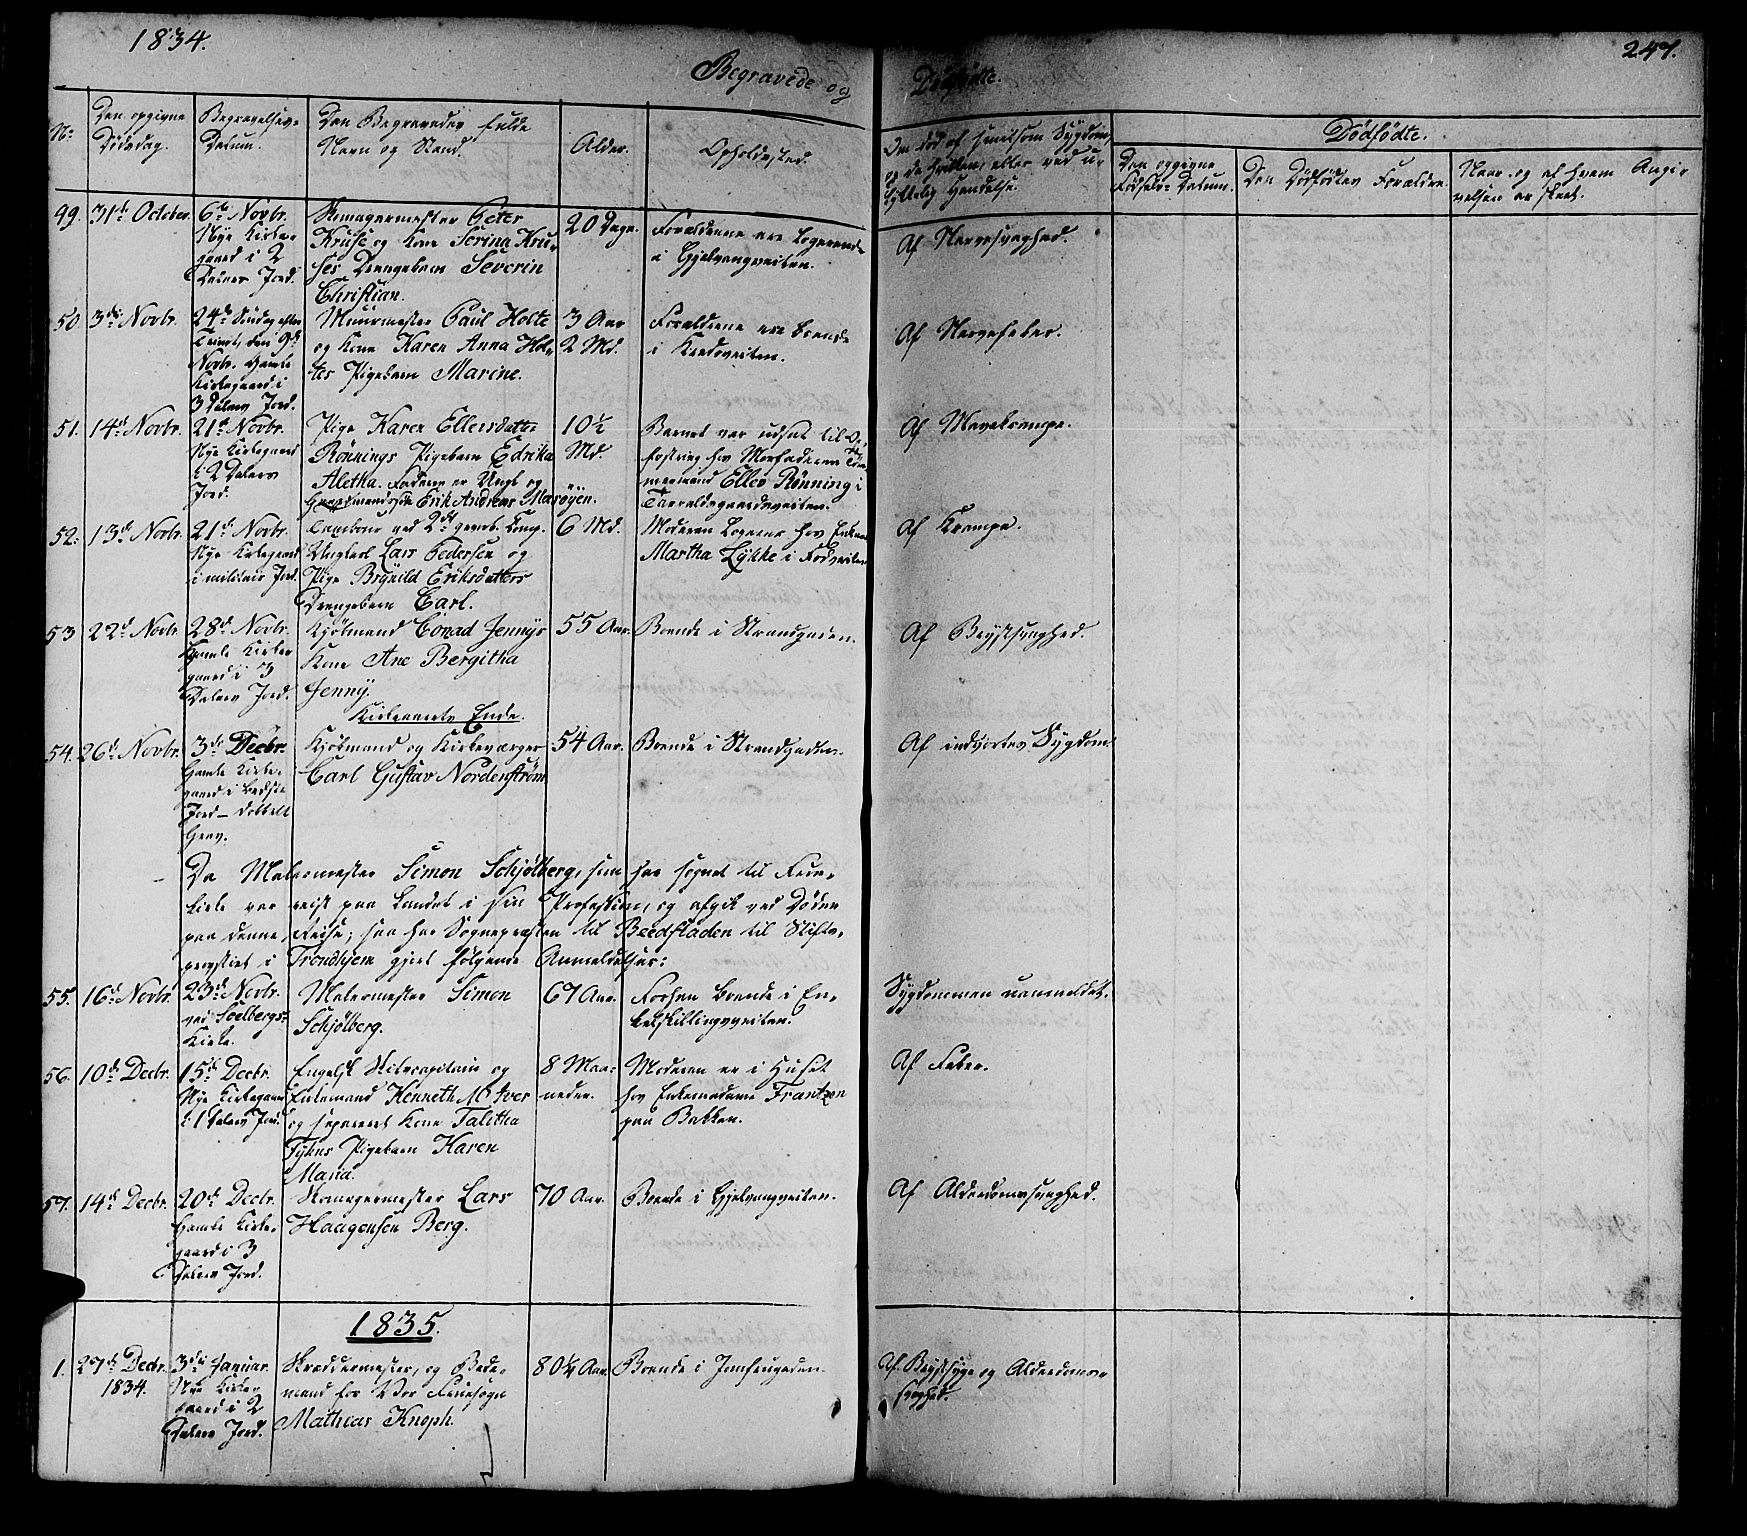 SAT, Ministerialprotokoller, klokkerbøker og fødselsregistre - Sør-Trøndelag, 602/L0136: Klokkerbok nr. 602C04, 1833-1845, s. 247